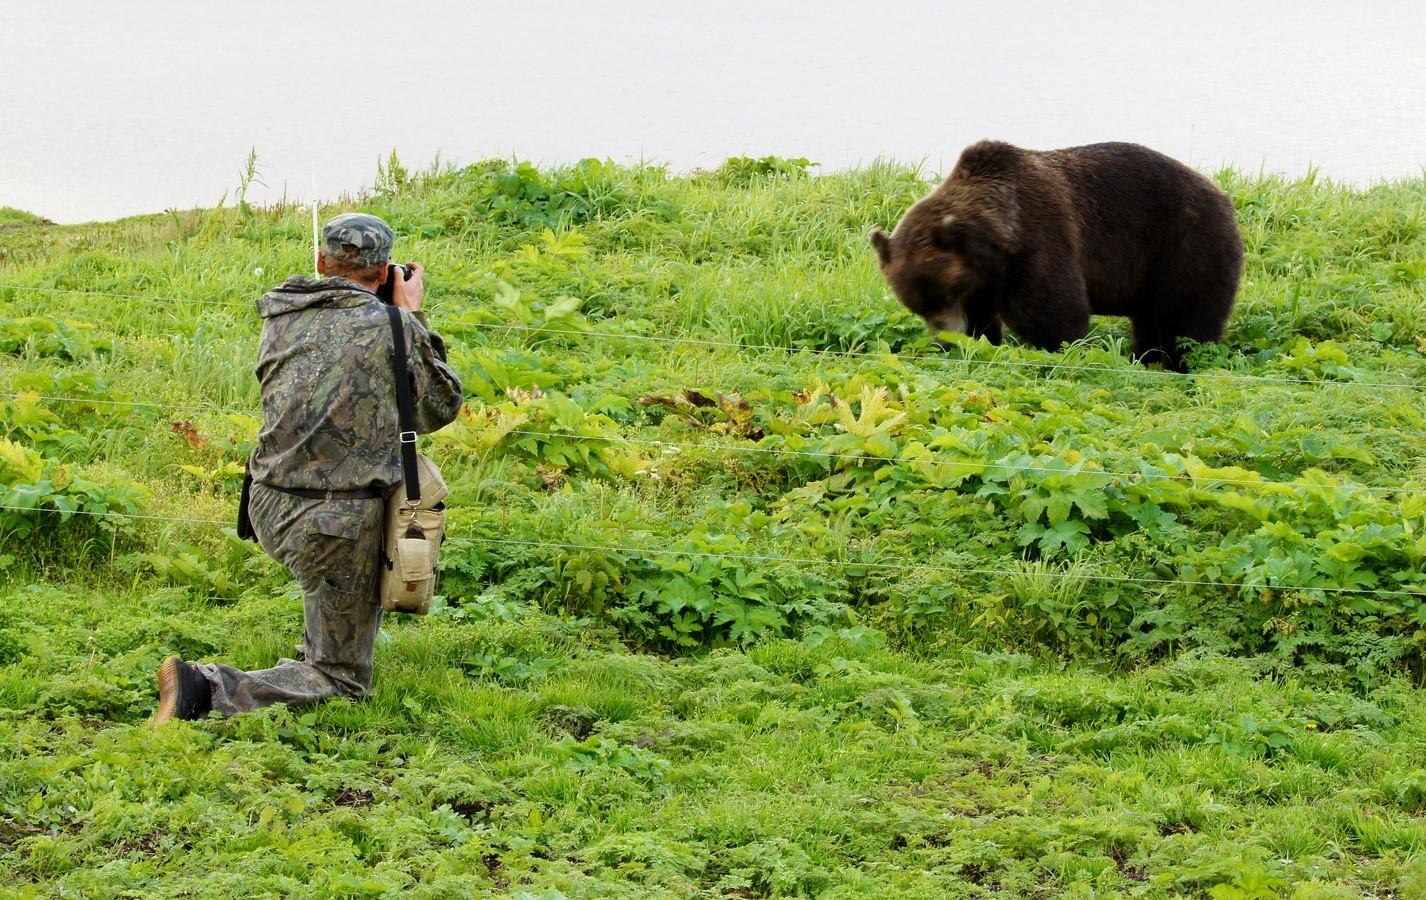 На Камчатке уничтожили медведя-убийцу